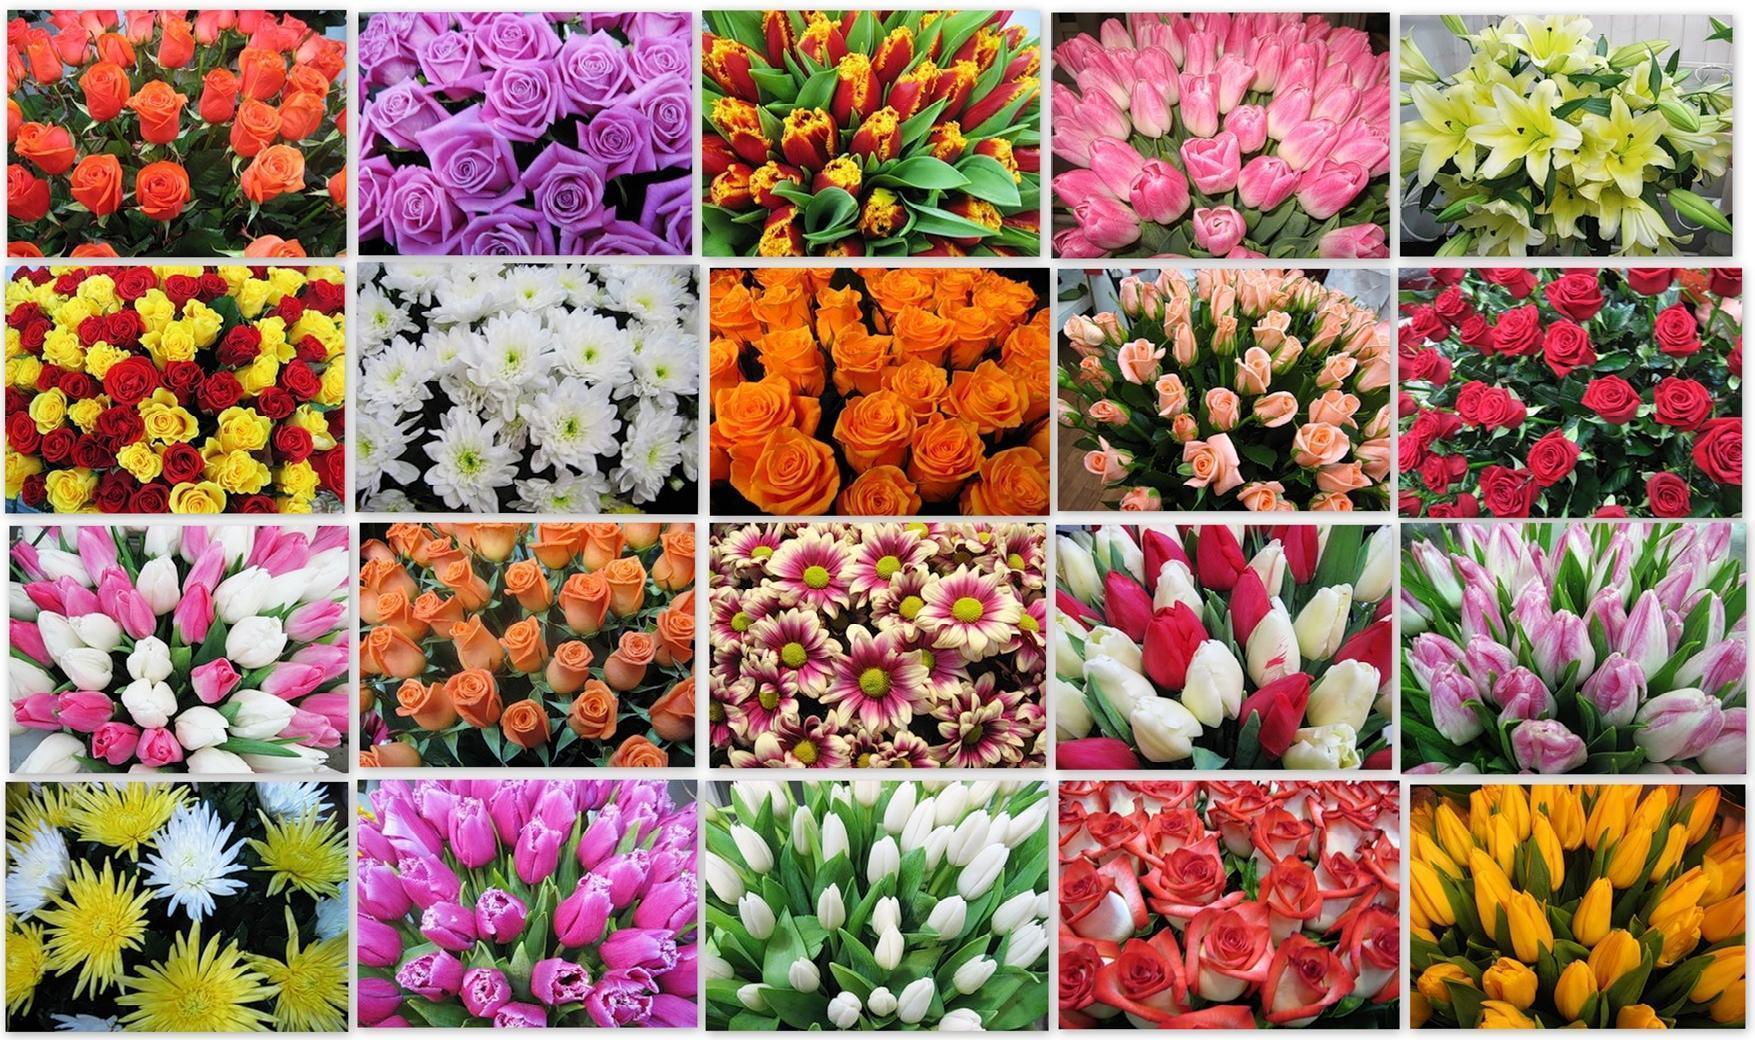 получил разные цветы на одной картинке повторяет аромат сперва